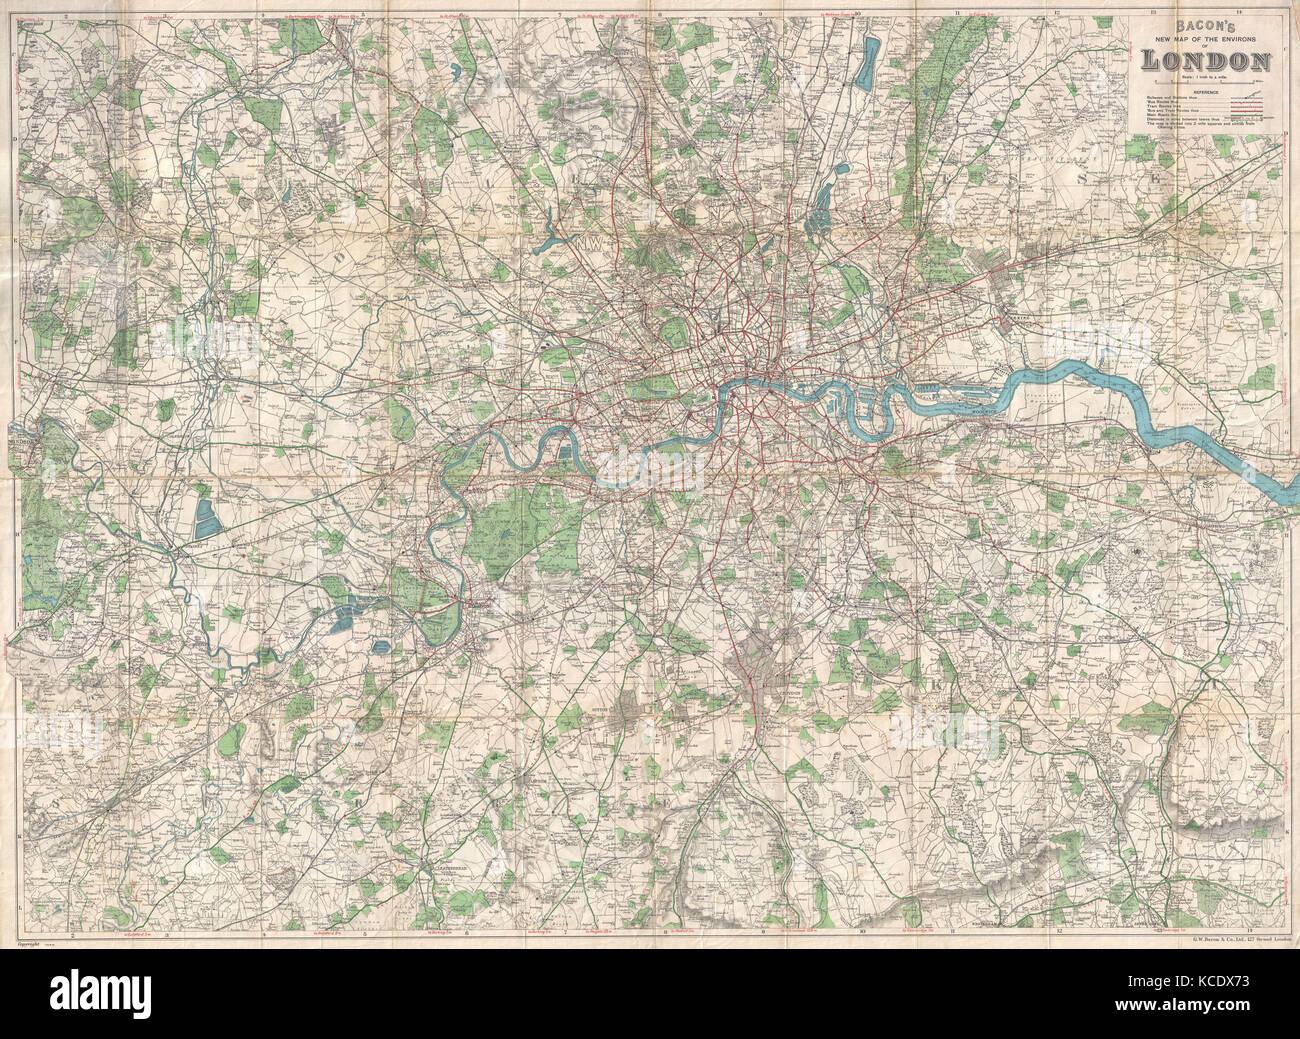 Cartina Di Londra E Dintorni.1920 Pancetta Pocket Mappa Di Londra Inghilterra E Dintorni Foto